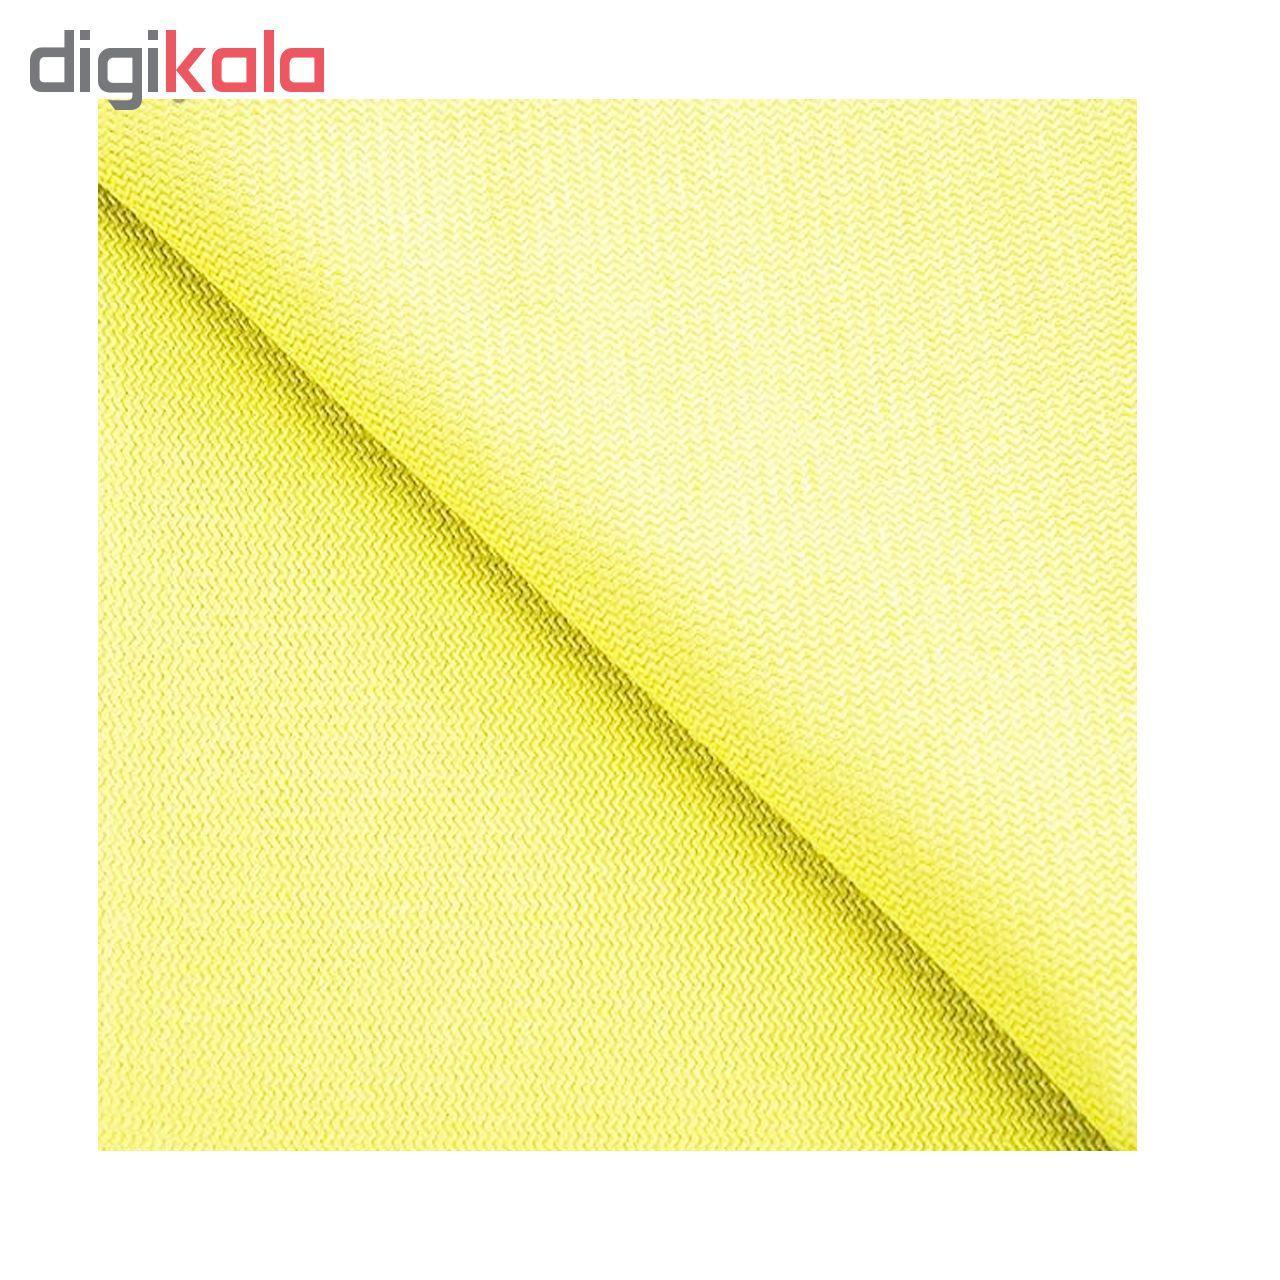 دستمال میکروفایبر ناژه مخصوص شیشه کد 01 main 1 6